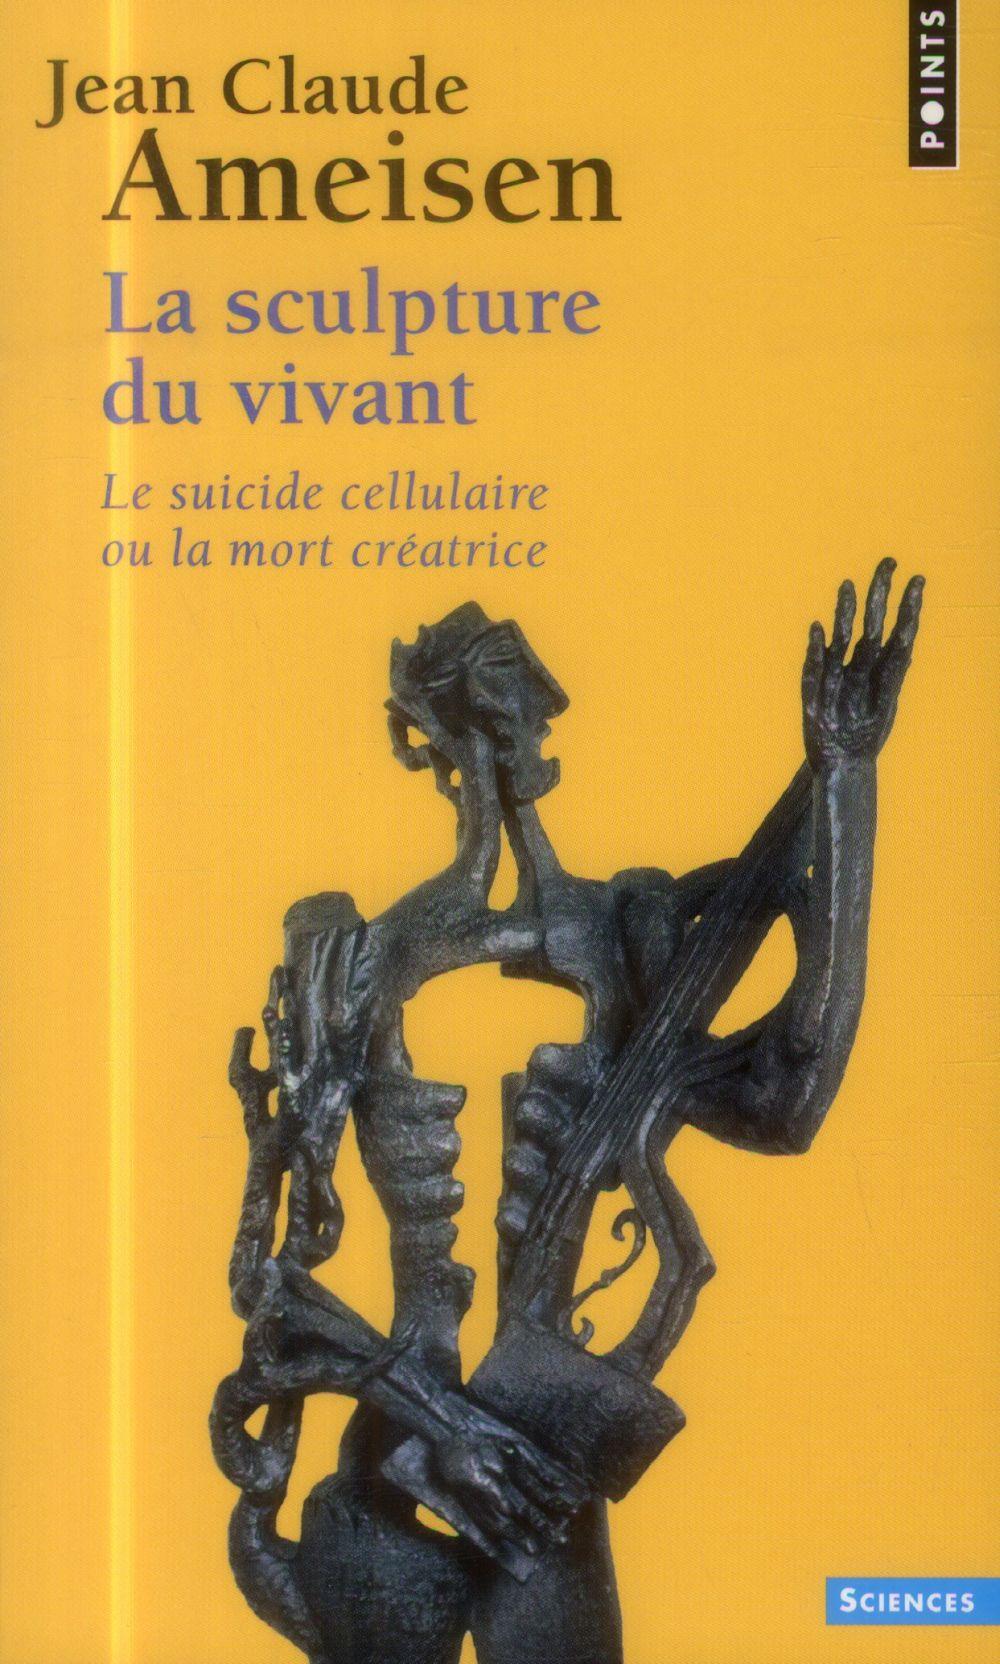 La sculpture du vivant ; le suicide cellulaire ou la mort créatrice